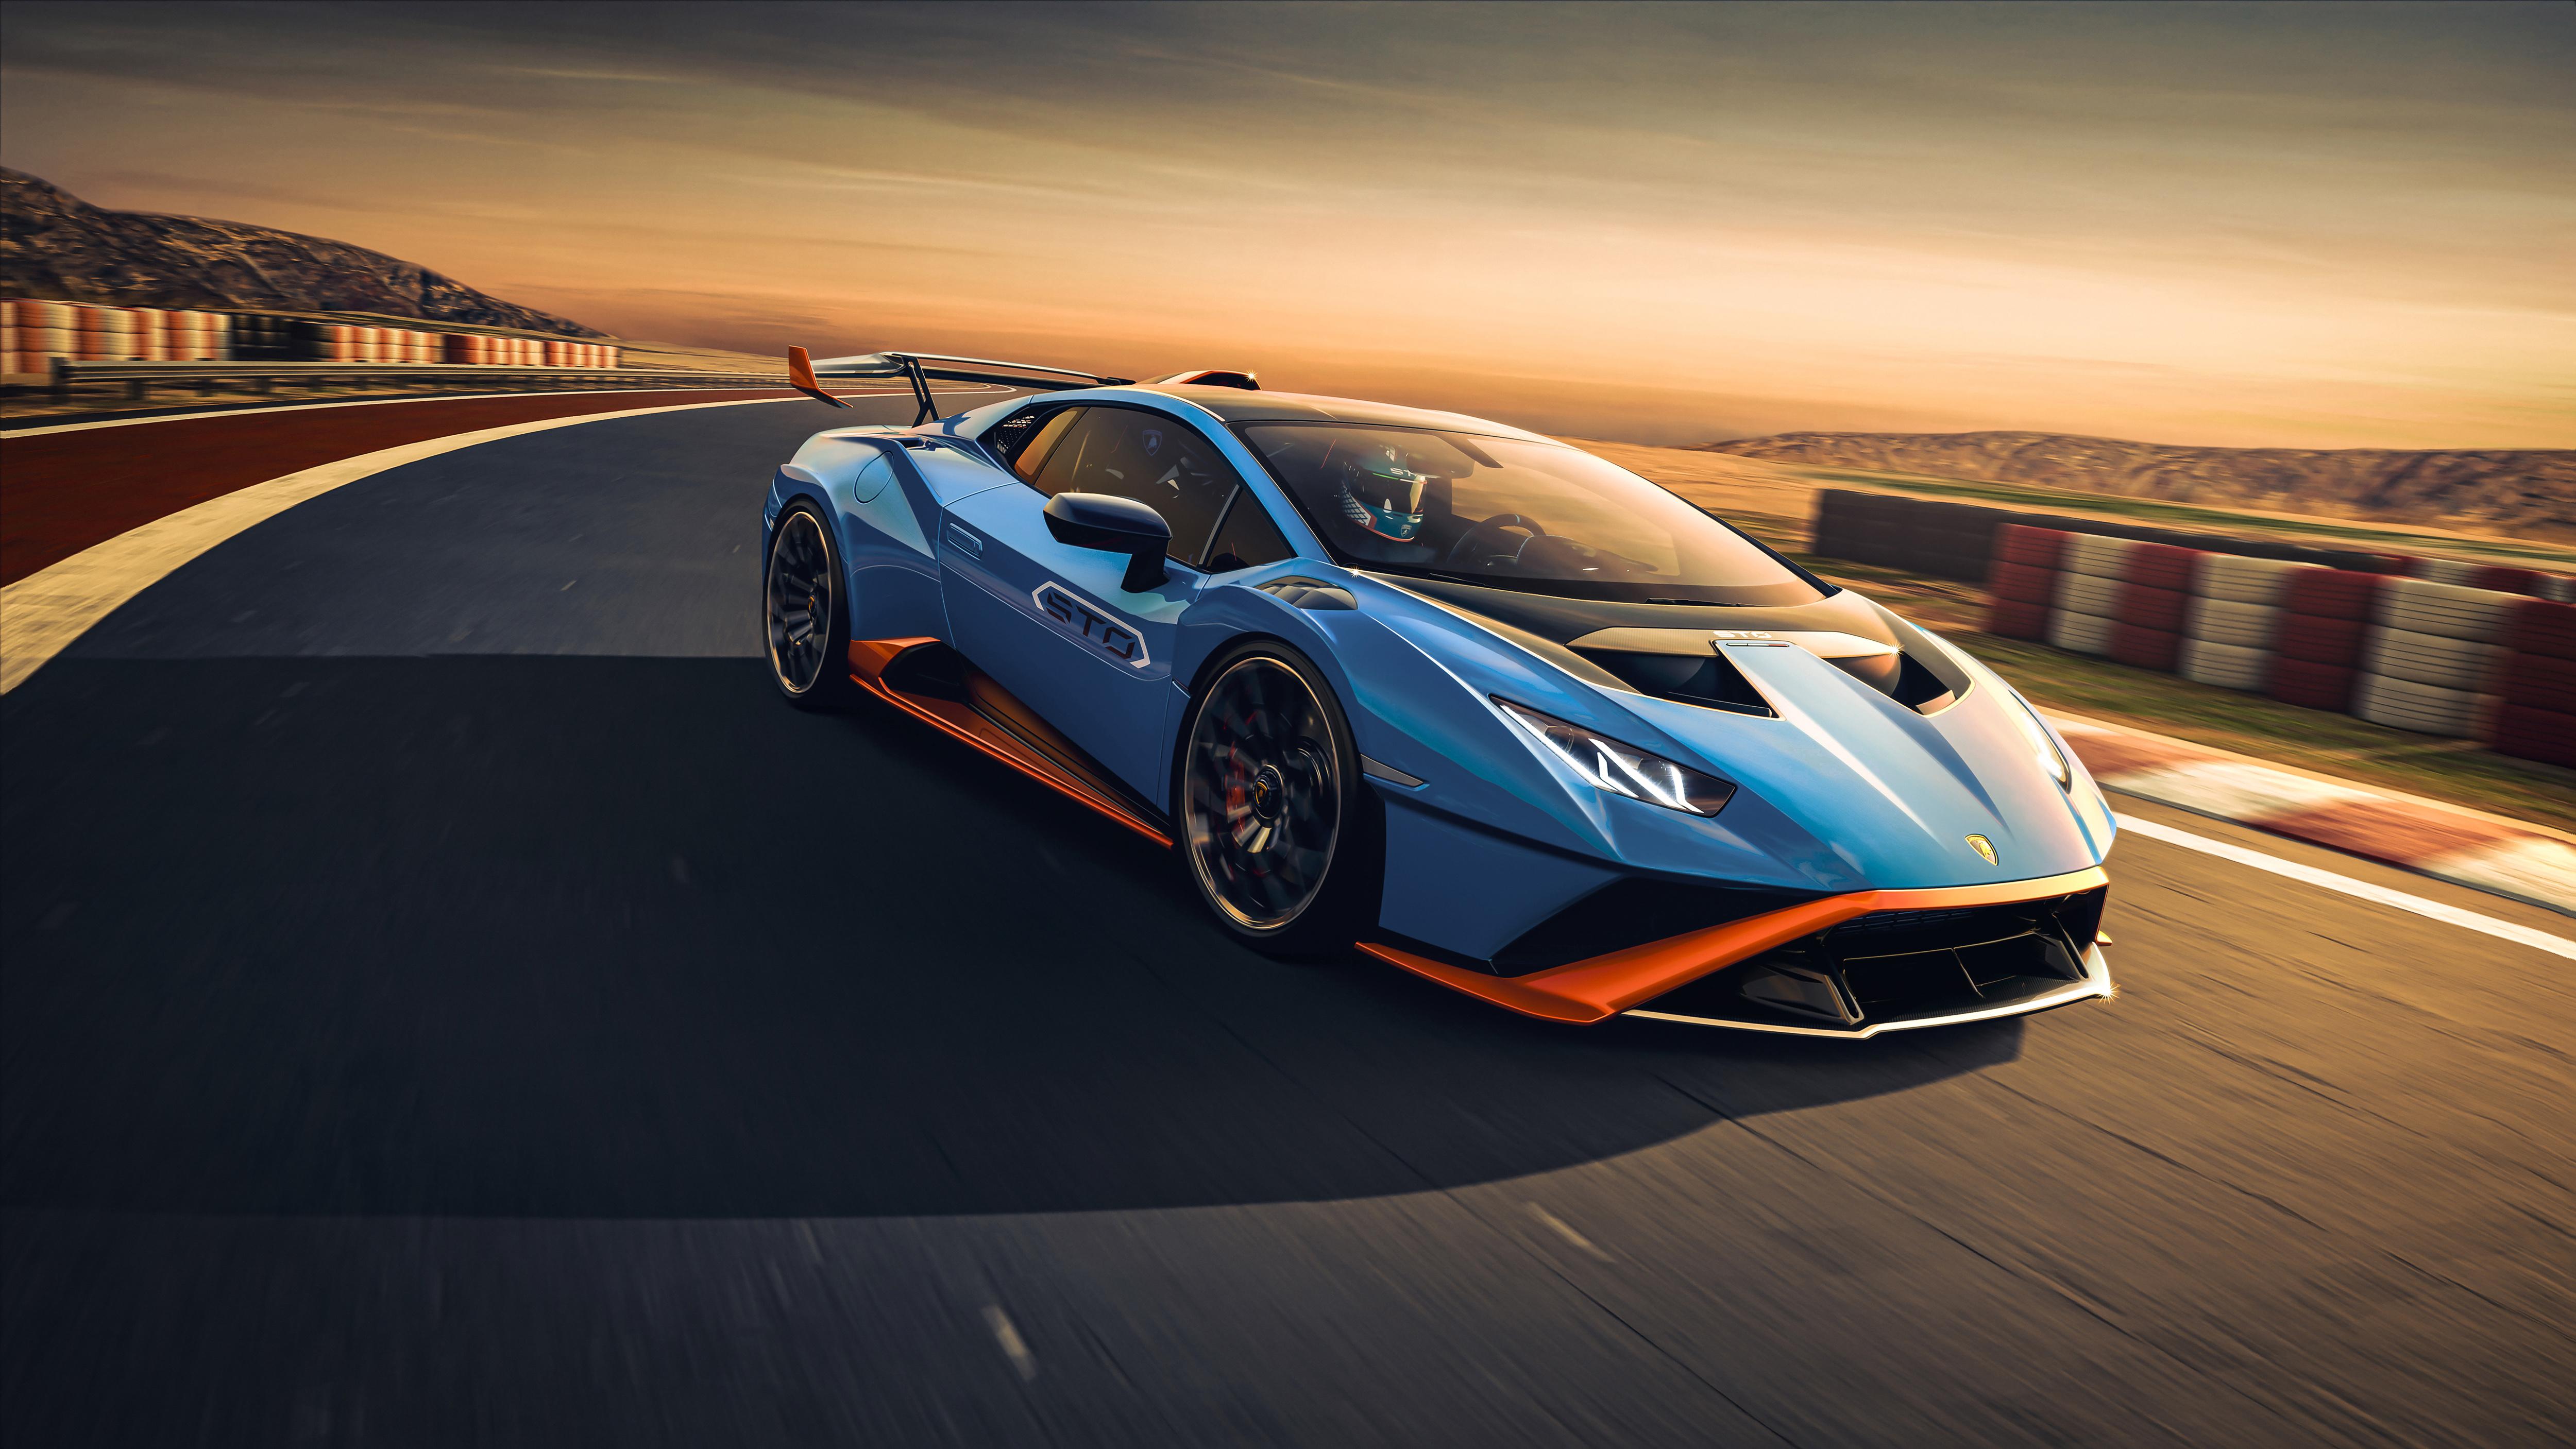 lamborghini huracan sto on track 4k 1608980016 - Lamborghini Huracan Sto On Track 4k - Lamborghini Huracan Sto On Track 4k wallpapers